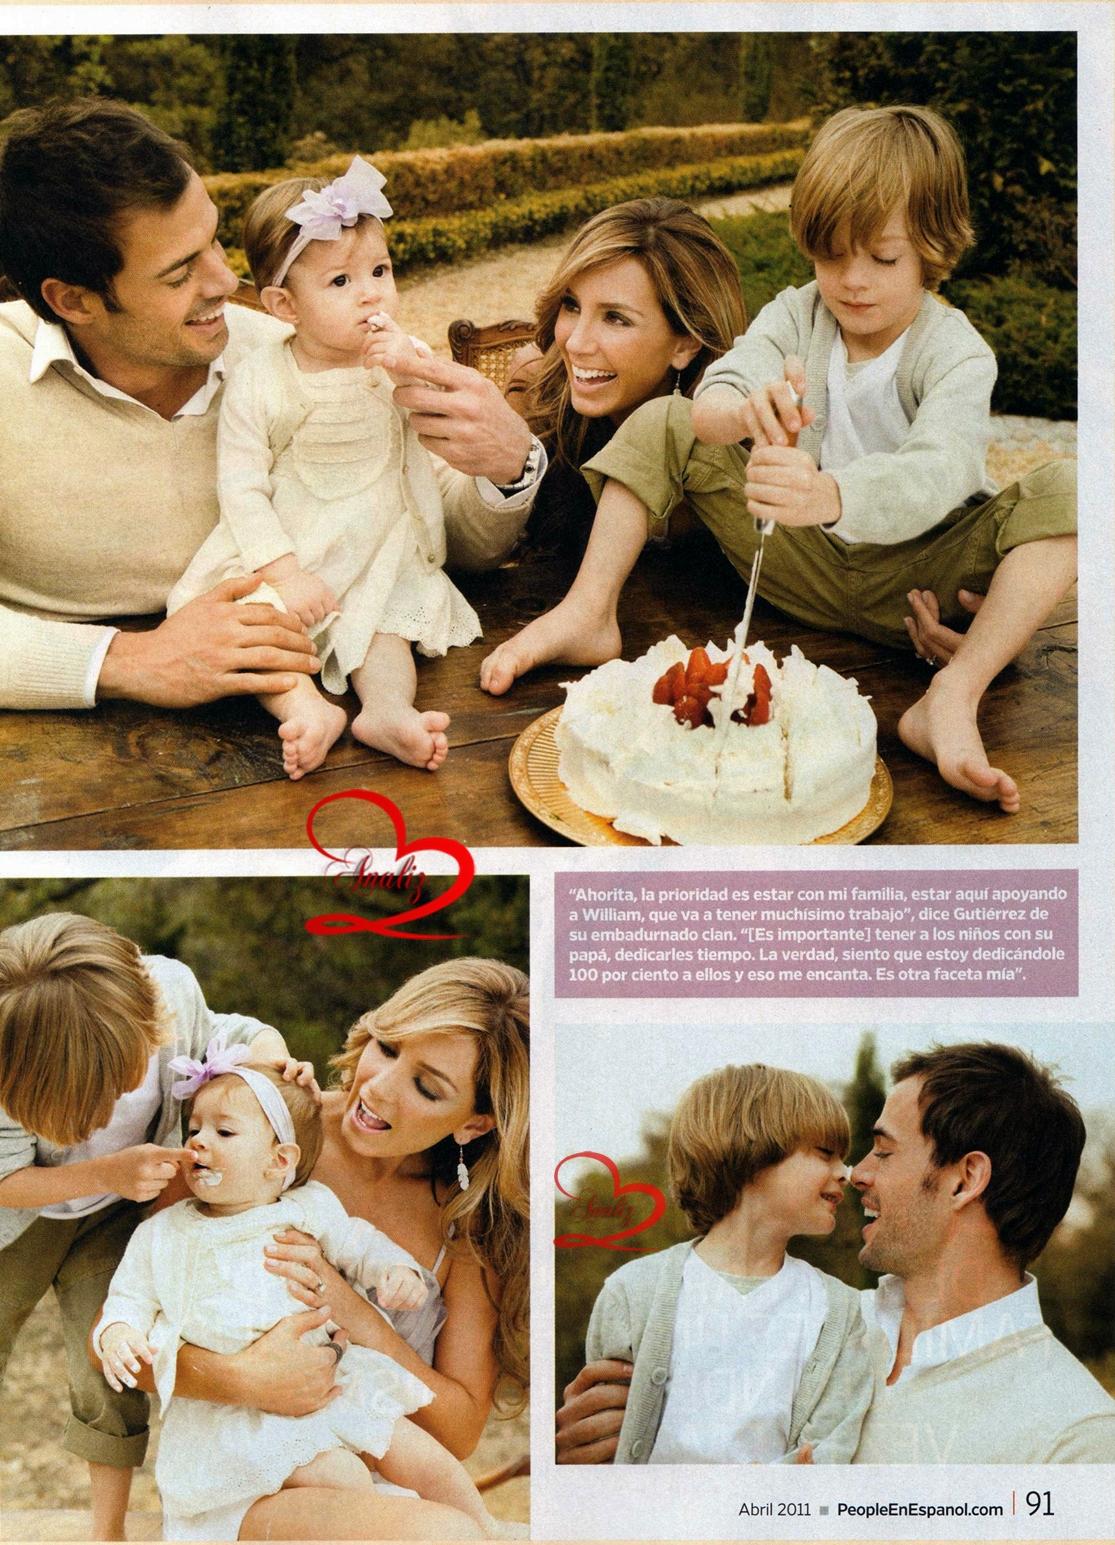 La familia de William Levy y Elizabeth Gutierrez - William ...